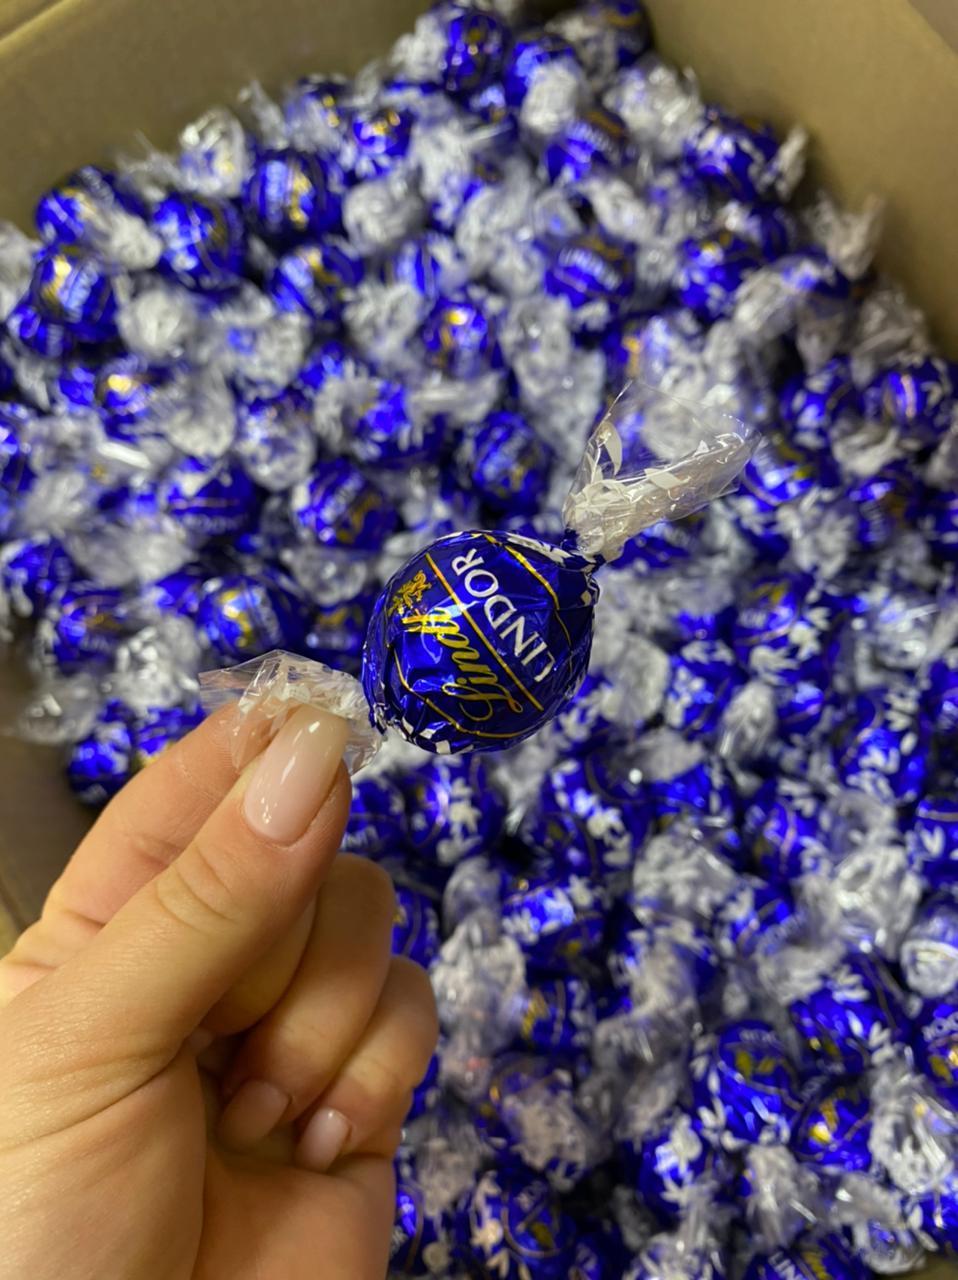 Шоколадные конфеты Lindor 1кг